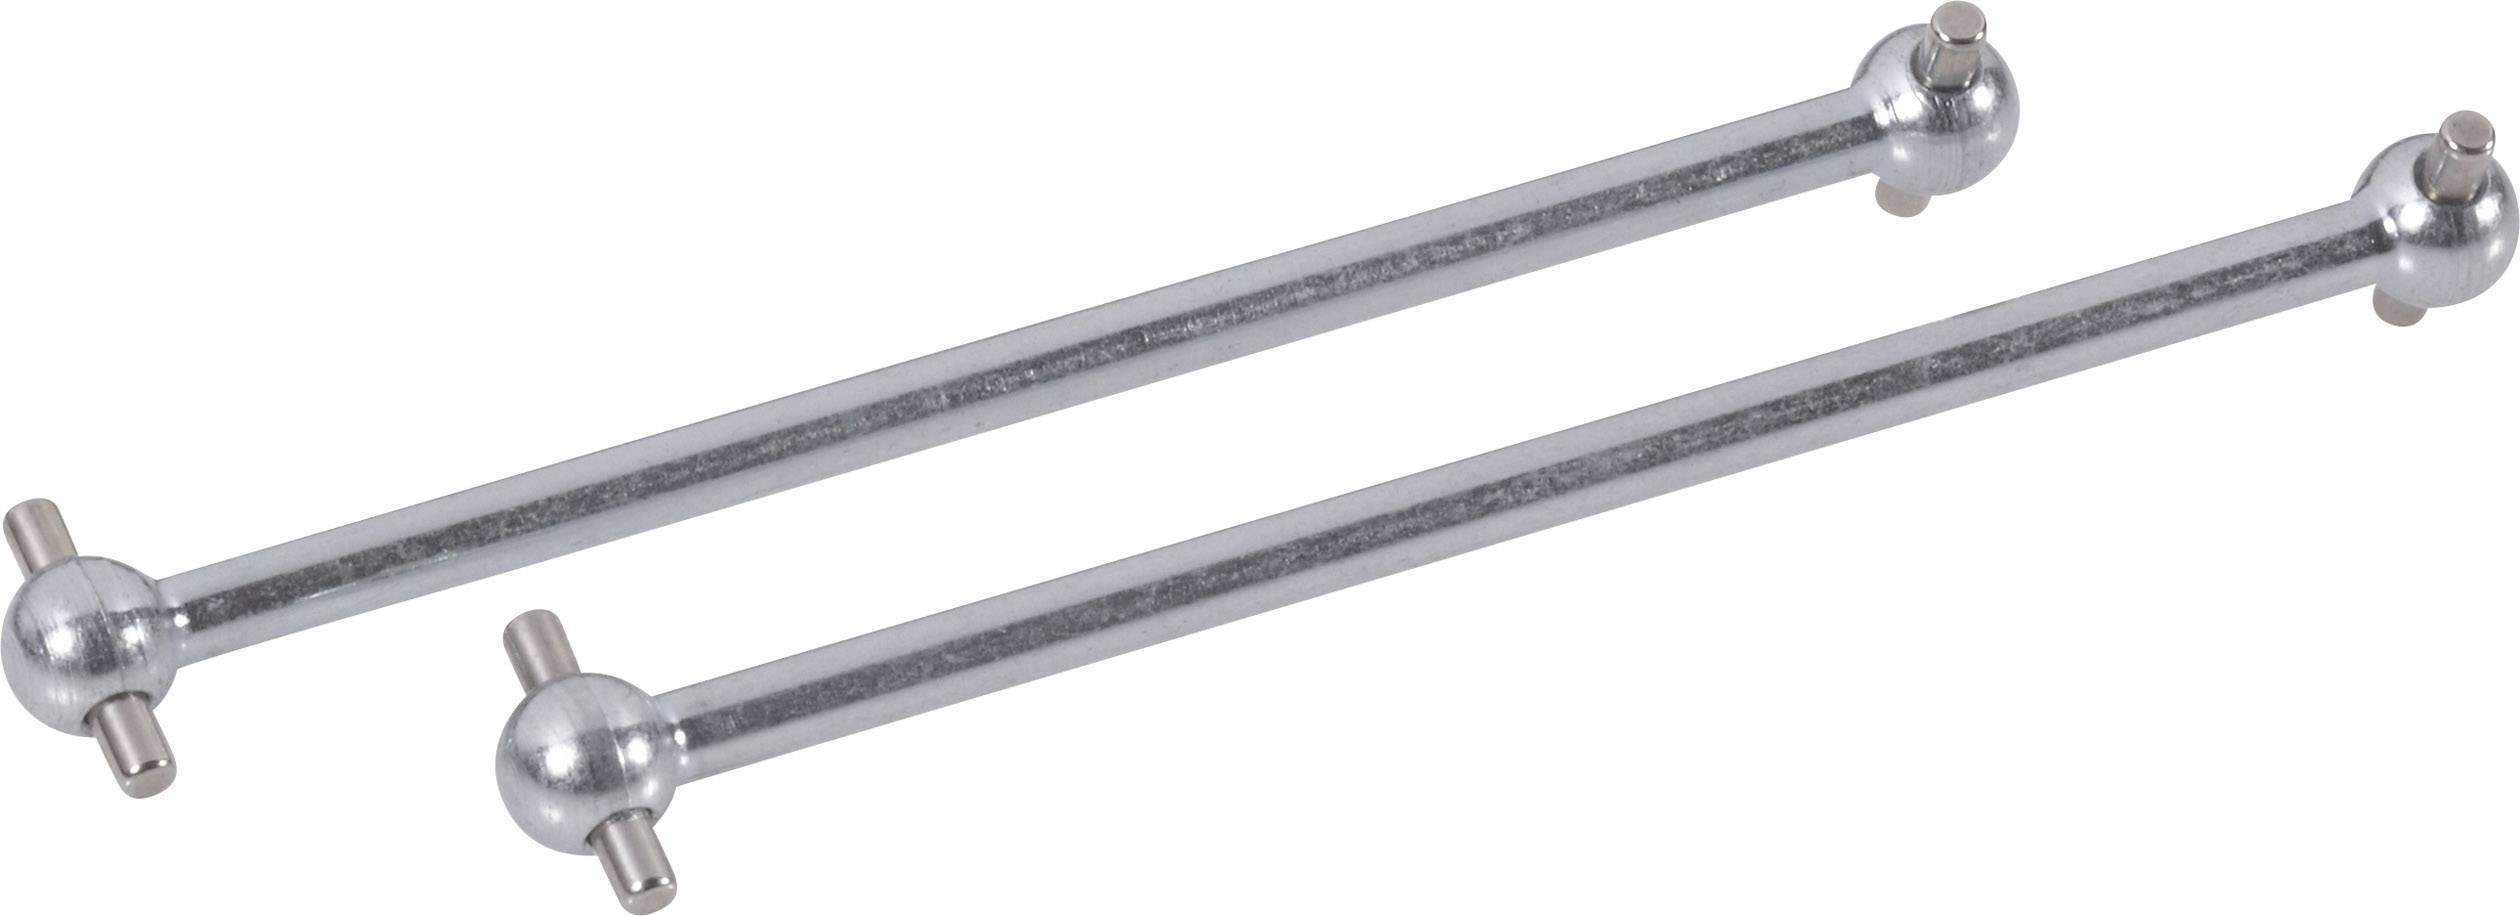 Hnací hřídel Reely 71 mm, 2 ks, 1:10 (CB104)